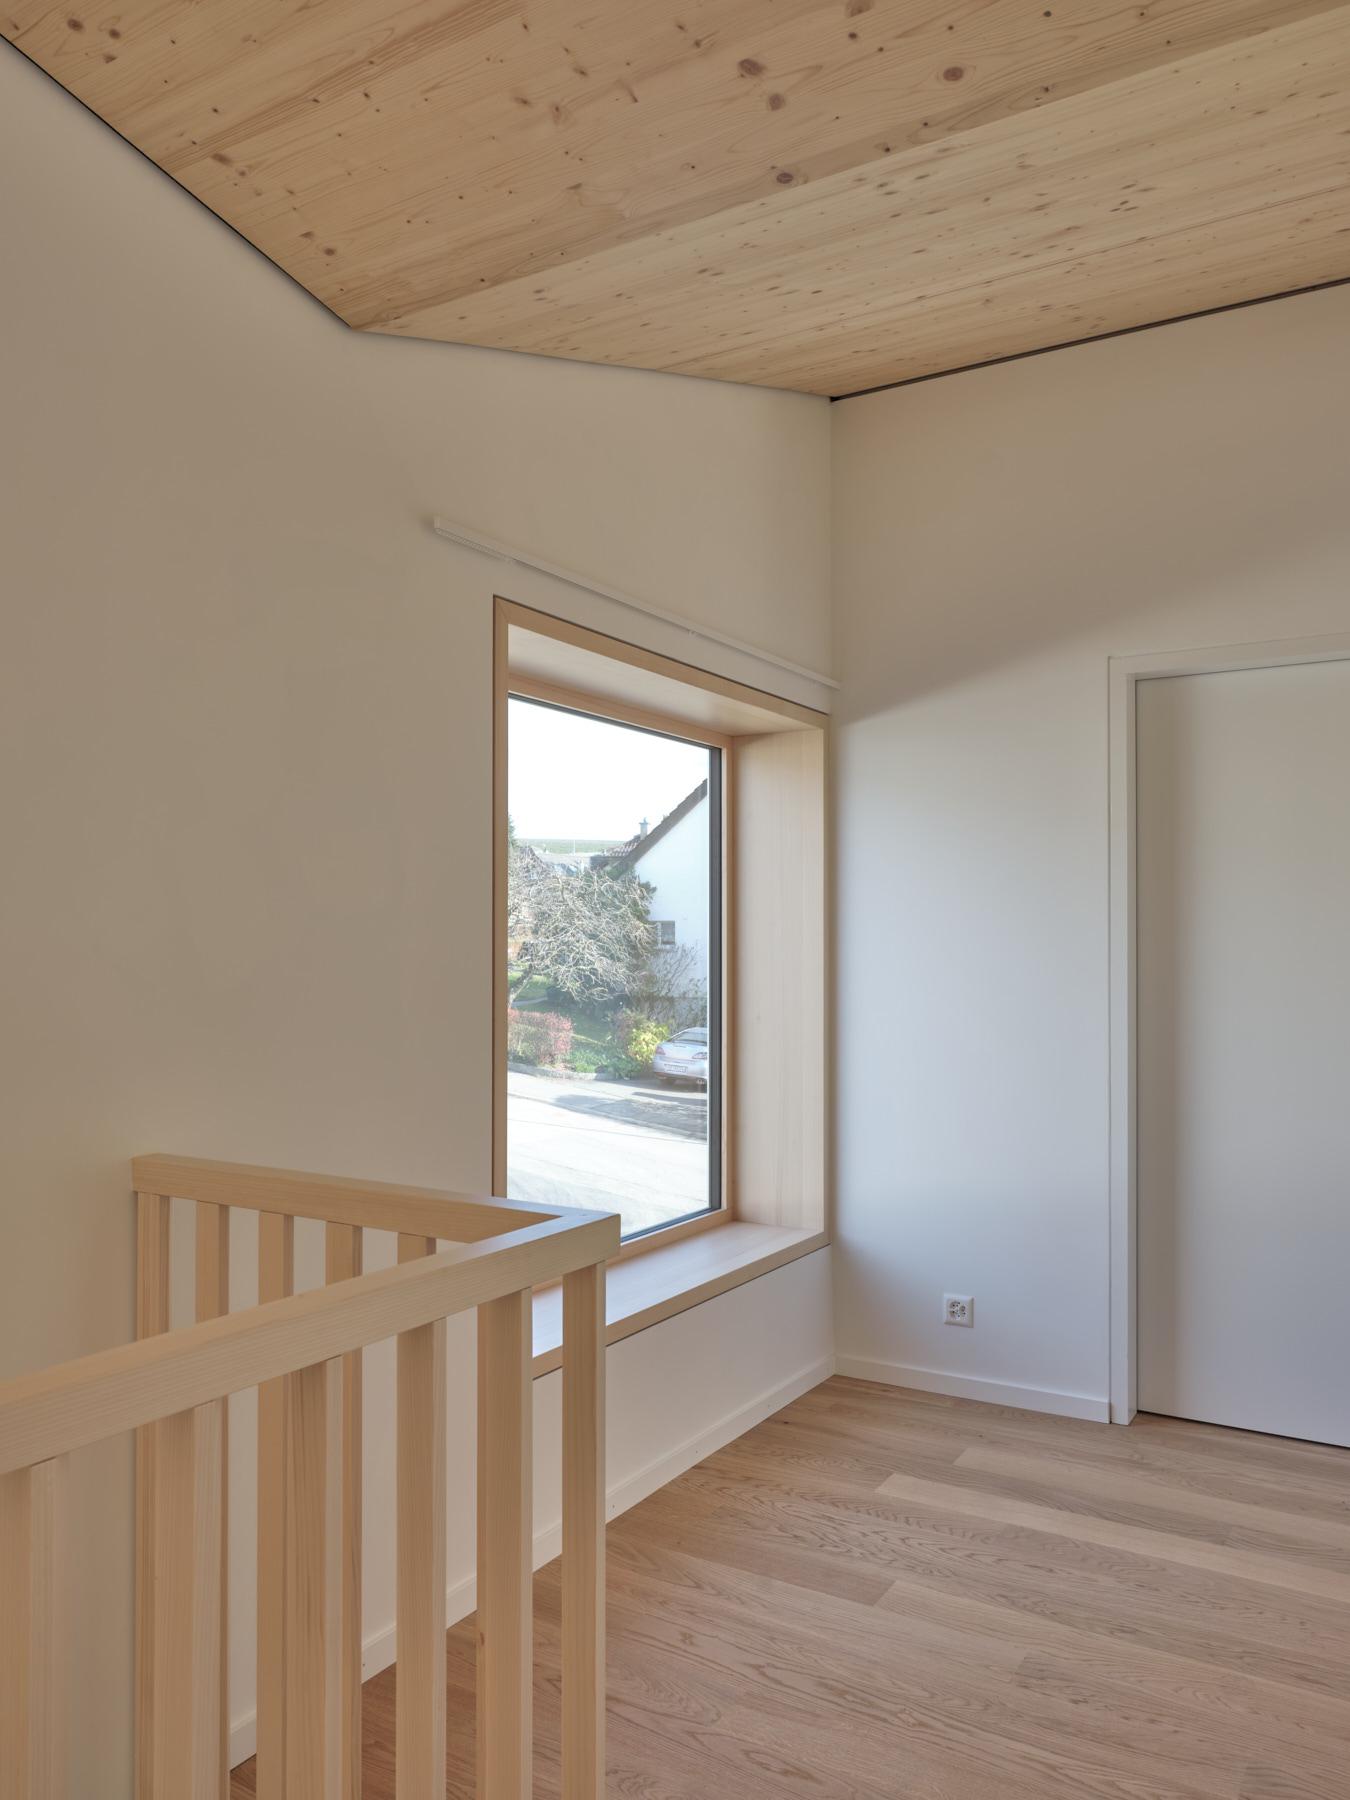 Maison R - fenêtre habitable - shape architecture